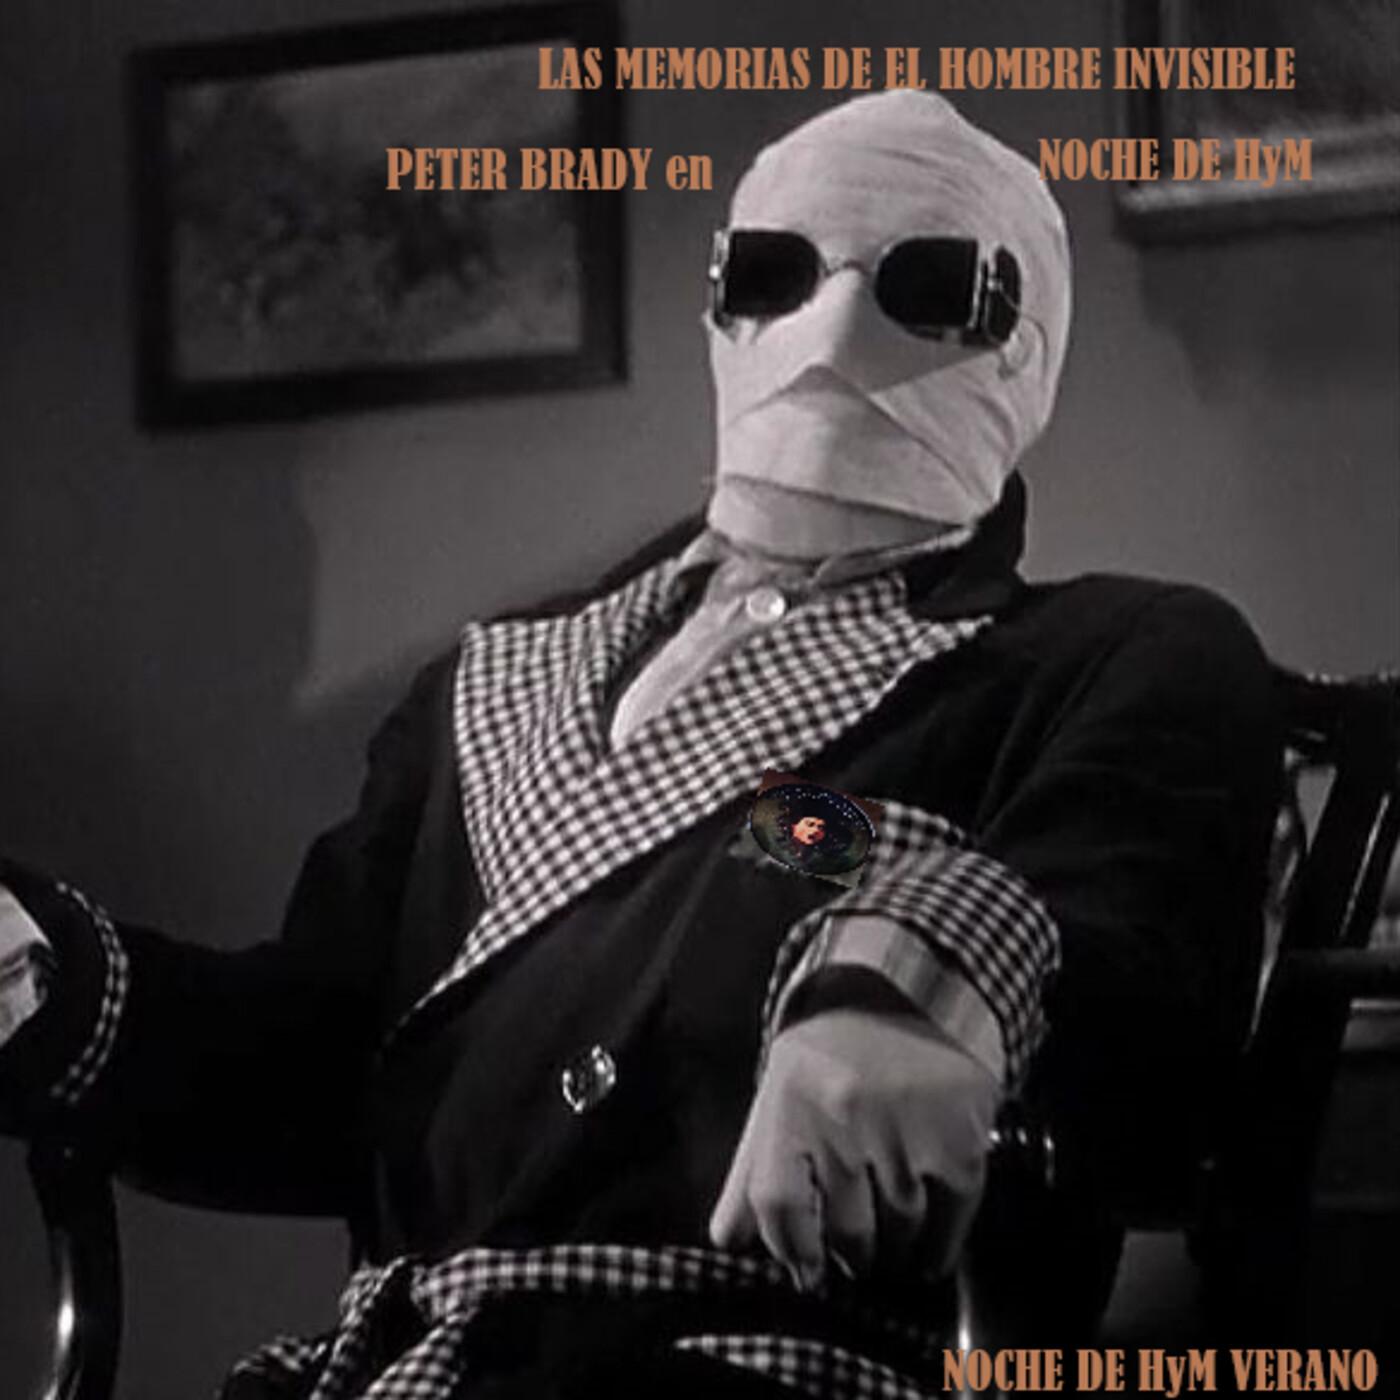 NochedeHyM-423-Verano - LAS MEMORIAS DE EL HOMBRE INVISIBLE. Cap. 10